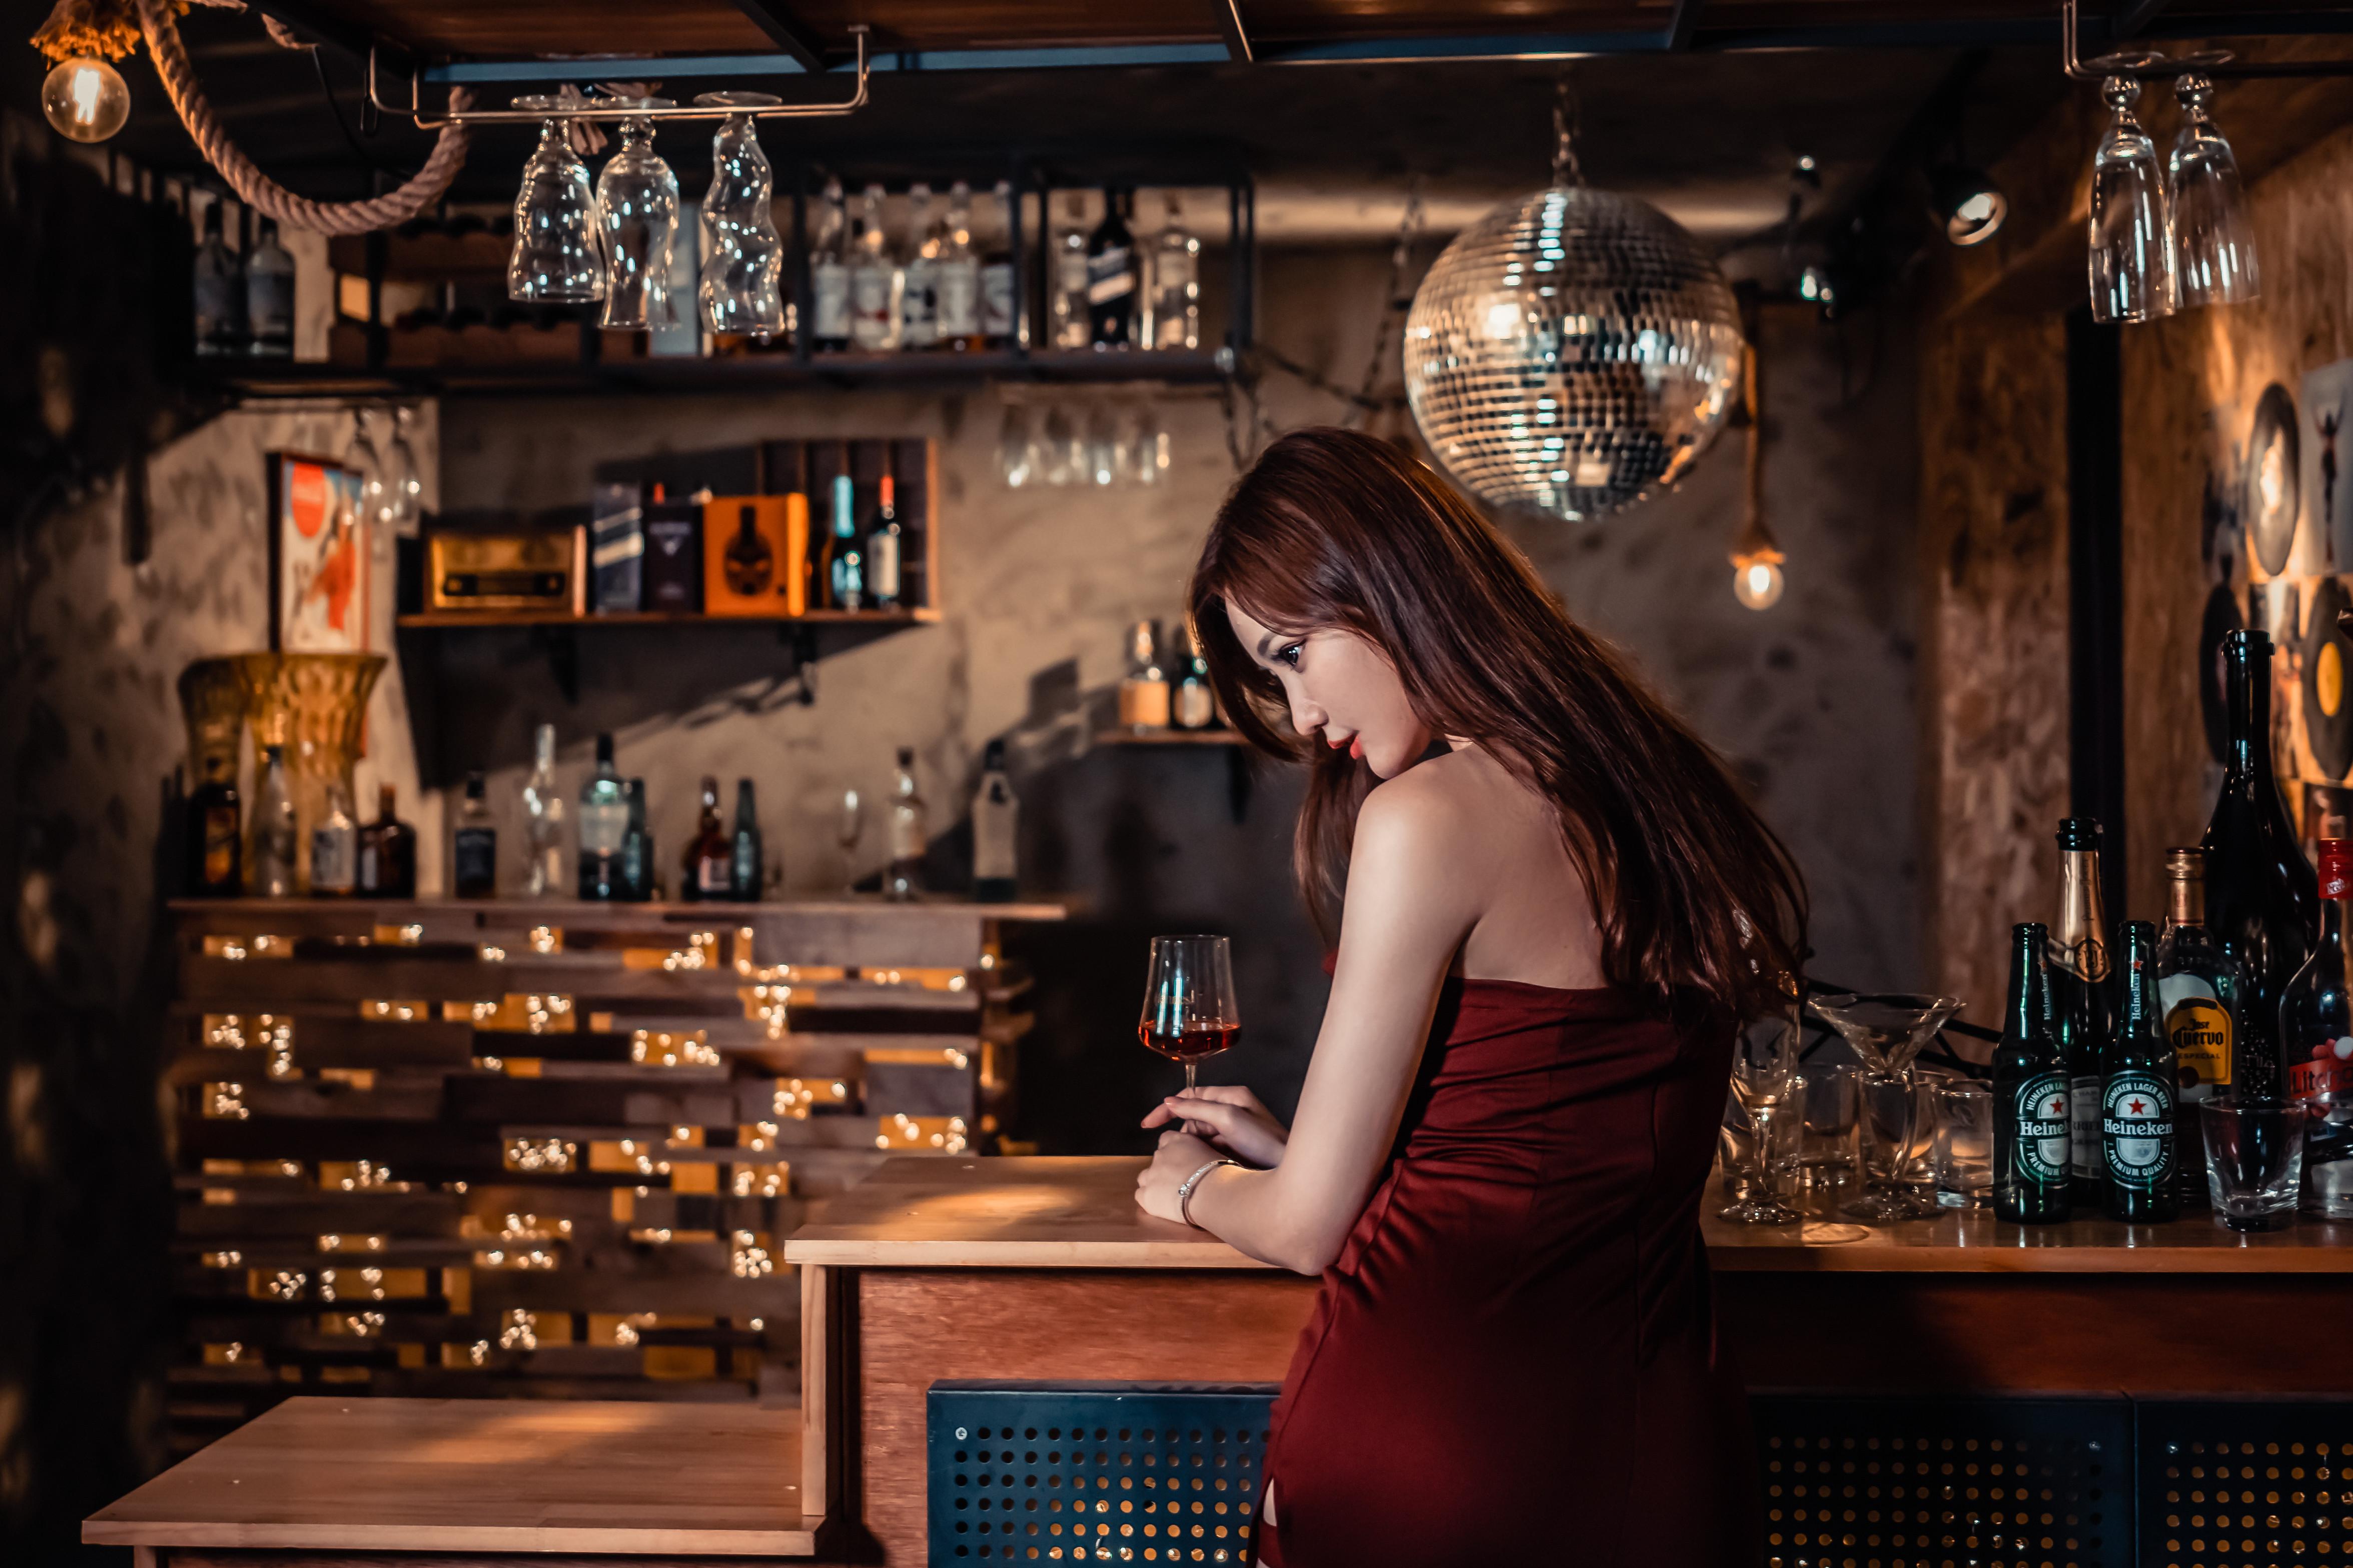 無料画像 アジア人 女の子 女性 壁紙 セクシー モデル 写真 感情 衣類 美しさ 甘味 ポートレート バーテンダー パブ 居酒屋 蒸留飲料 アルコール ドリンク バーウェア リキュール ナイトクラブ 4703x3135 Q 無料写真 Pxhere